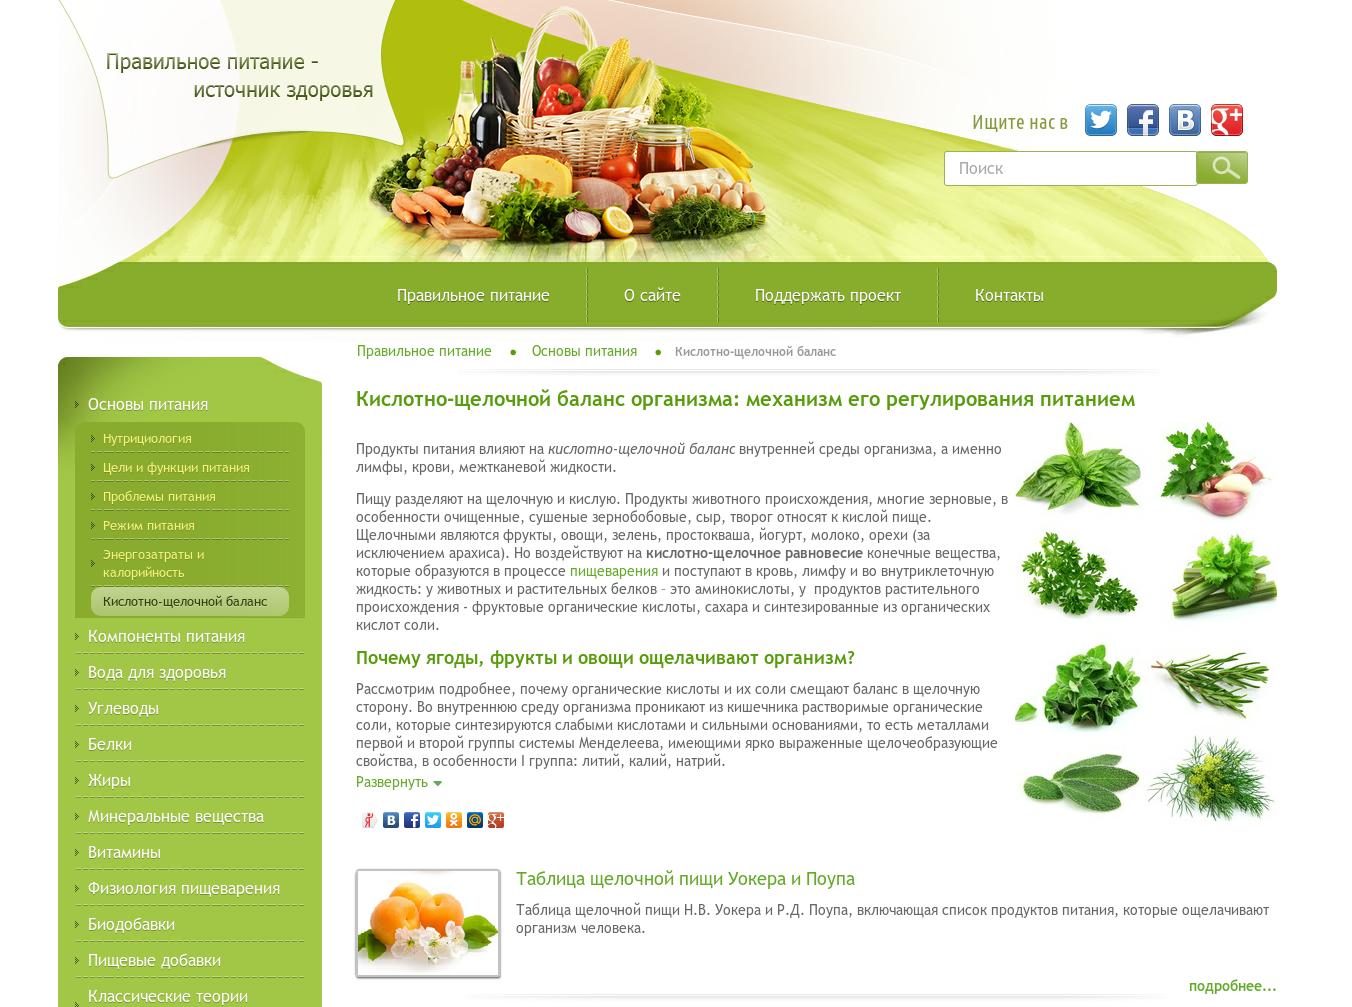 сайт правильного питания для похудения